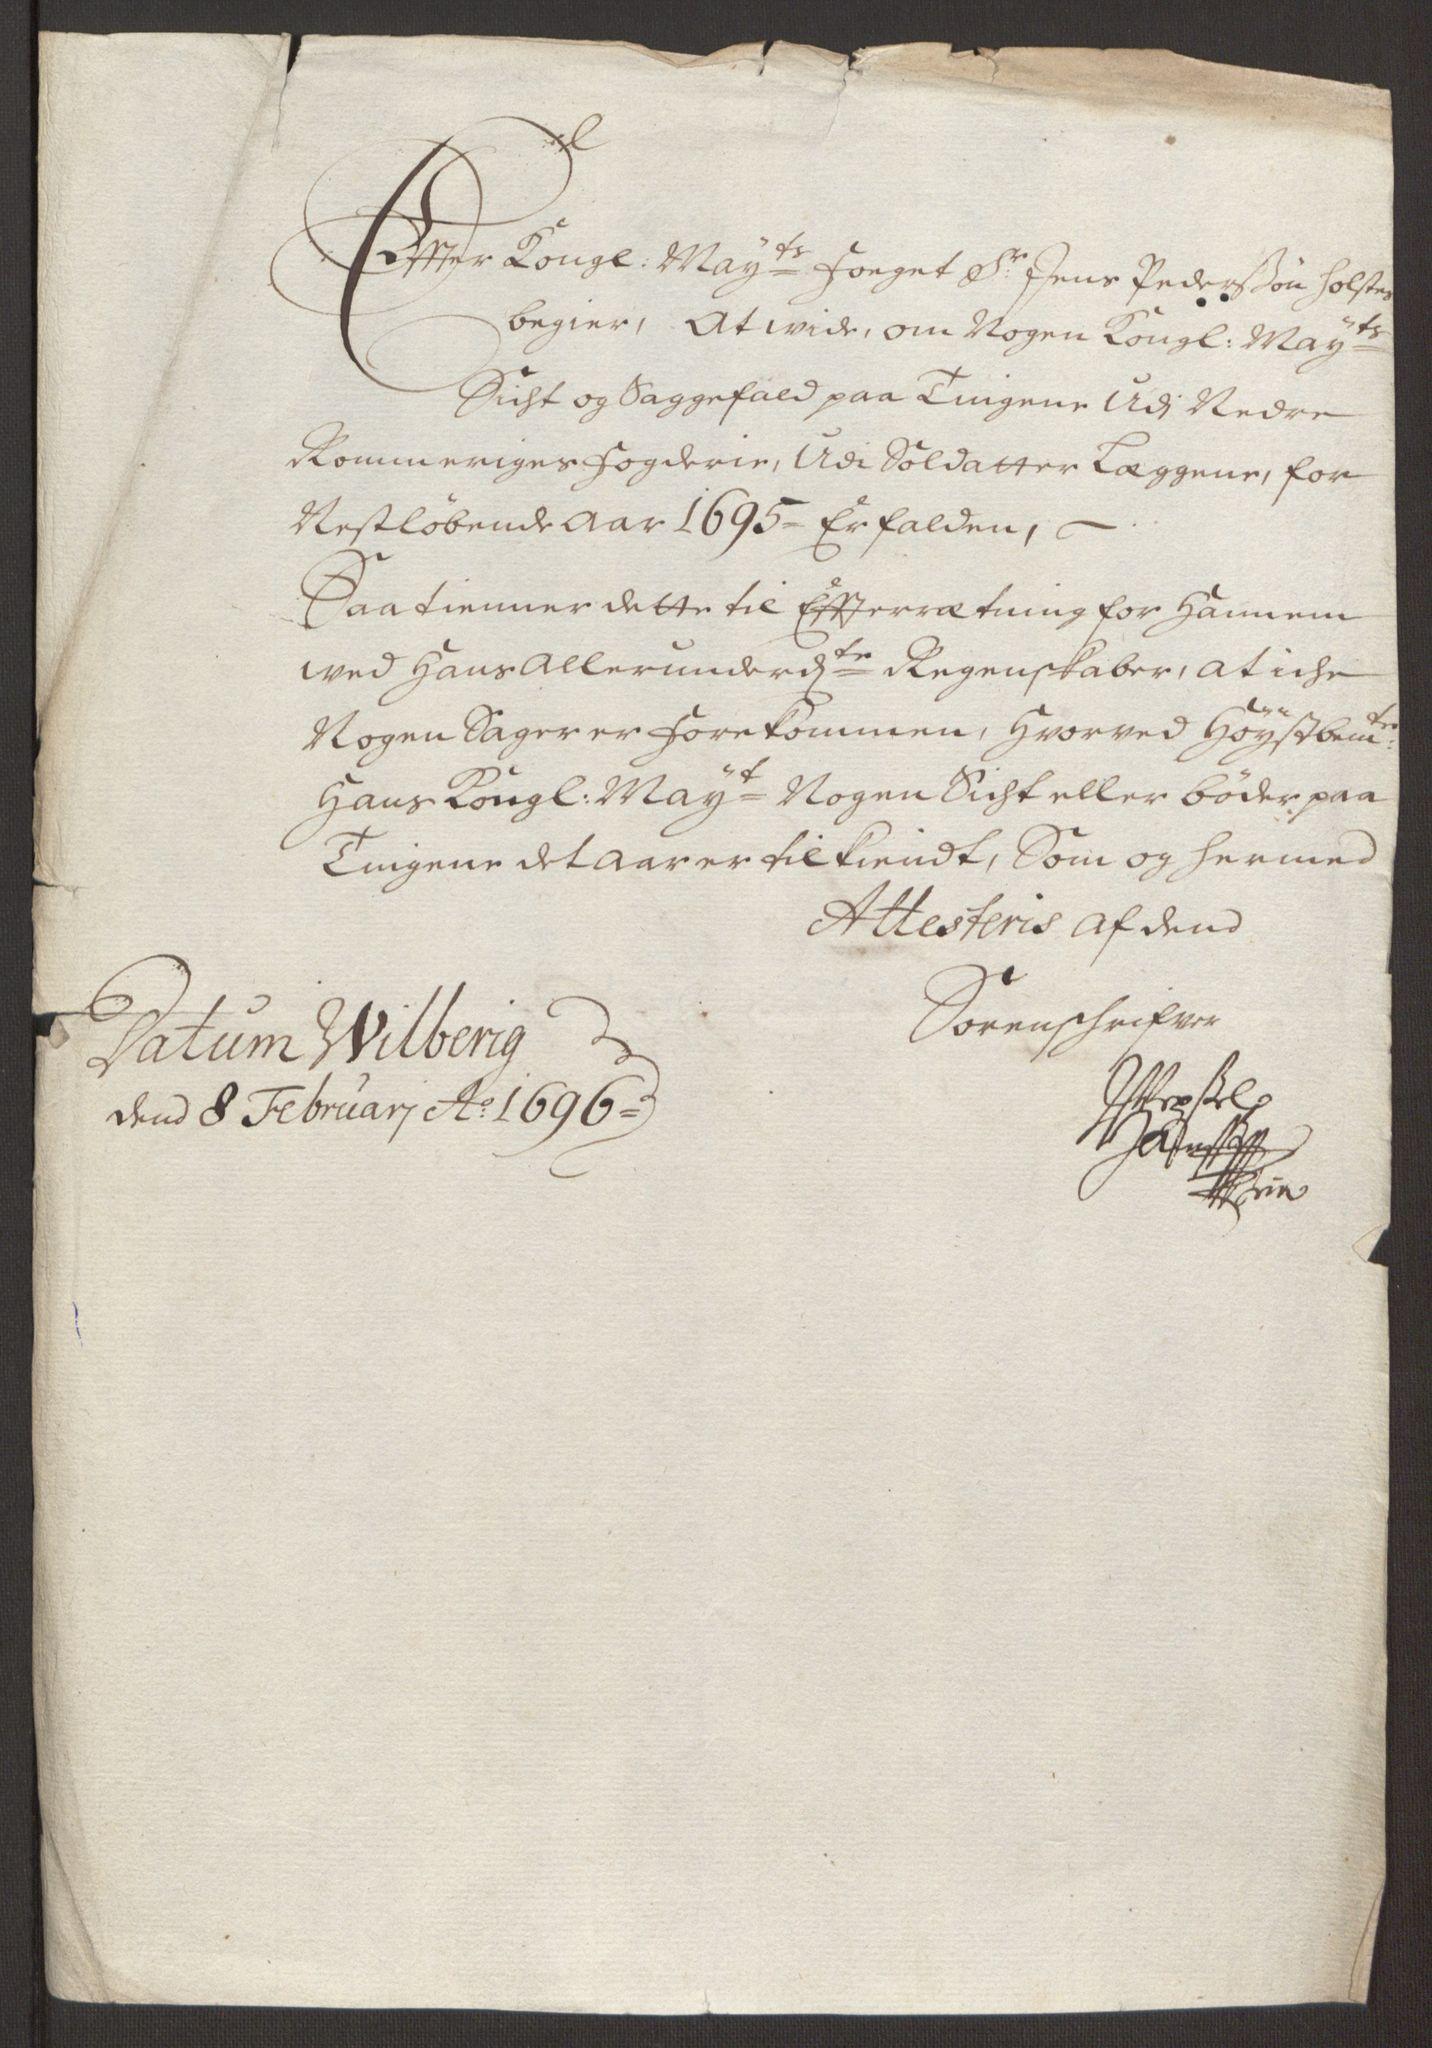 RA, Rentekammeret inntil 1814, Reviderte regnskaper, Fogderegnskap, R11/L0579: Fogderegnskap Nedre Romerike, 1694-1695, s. 247